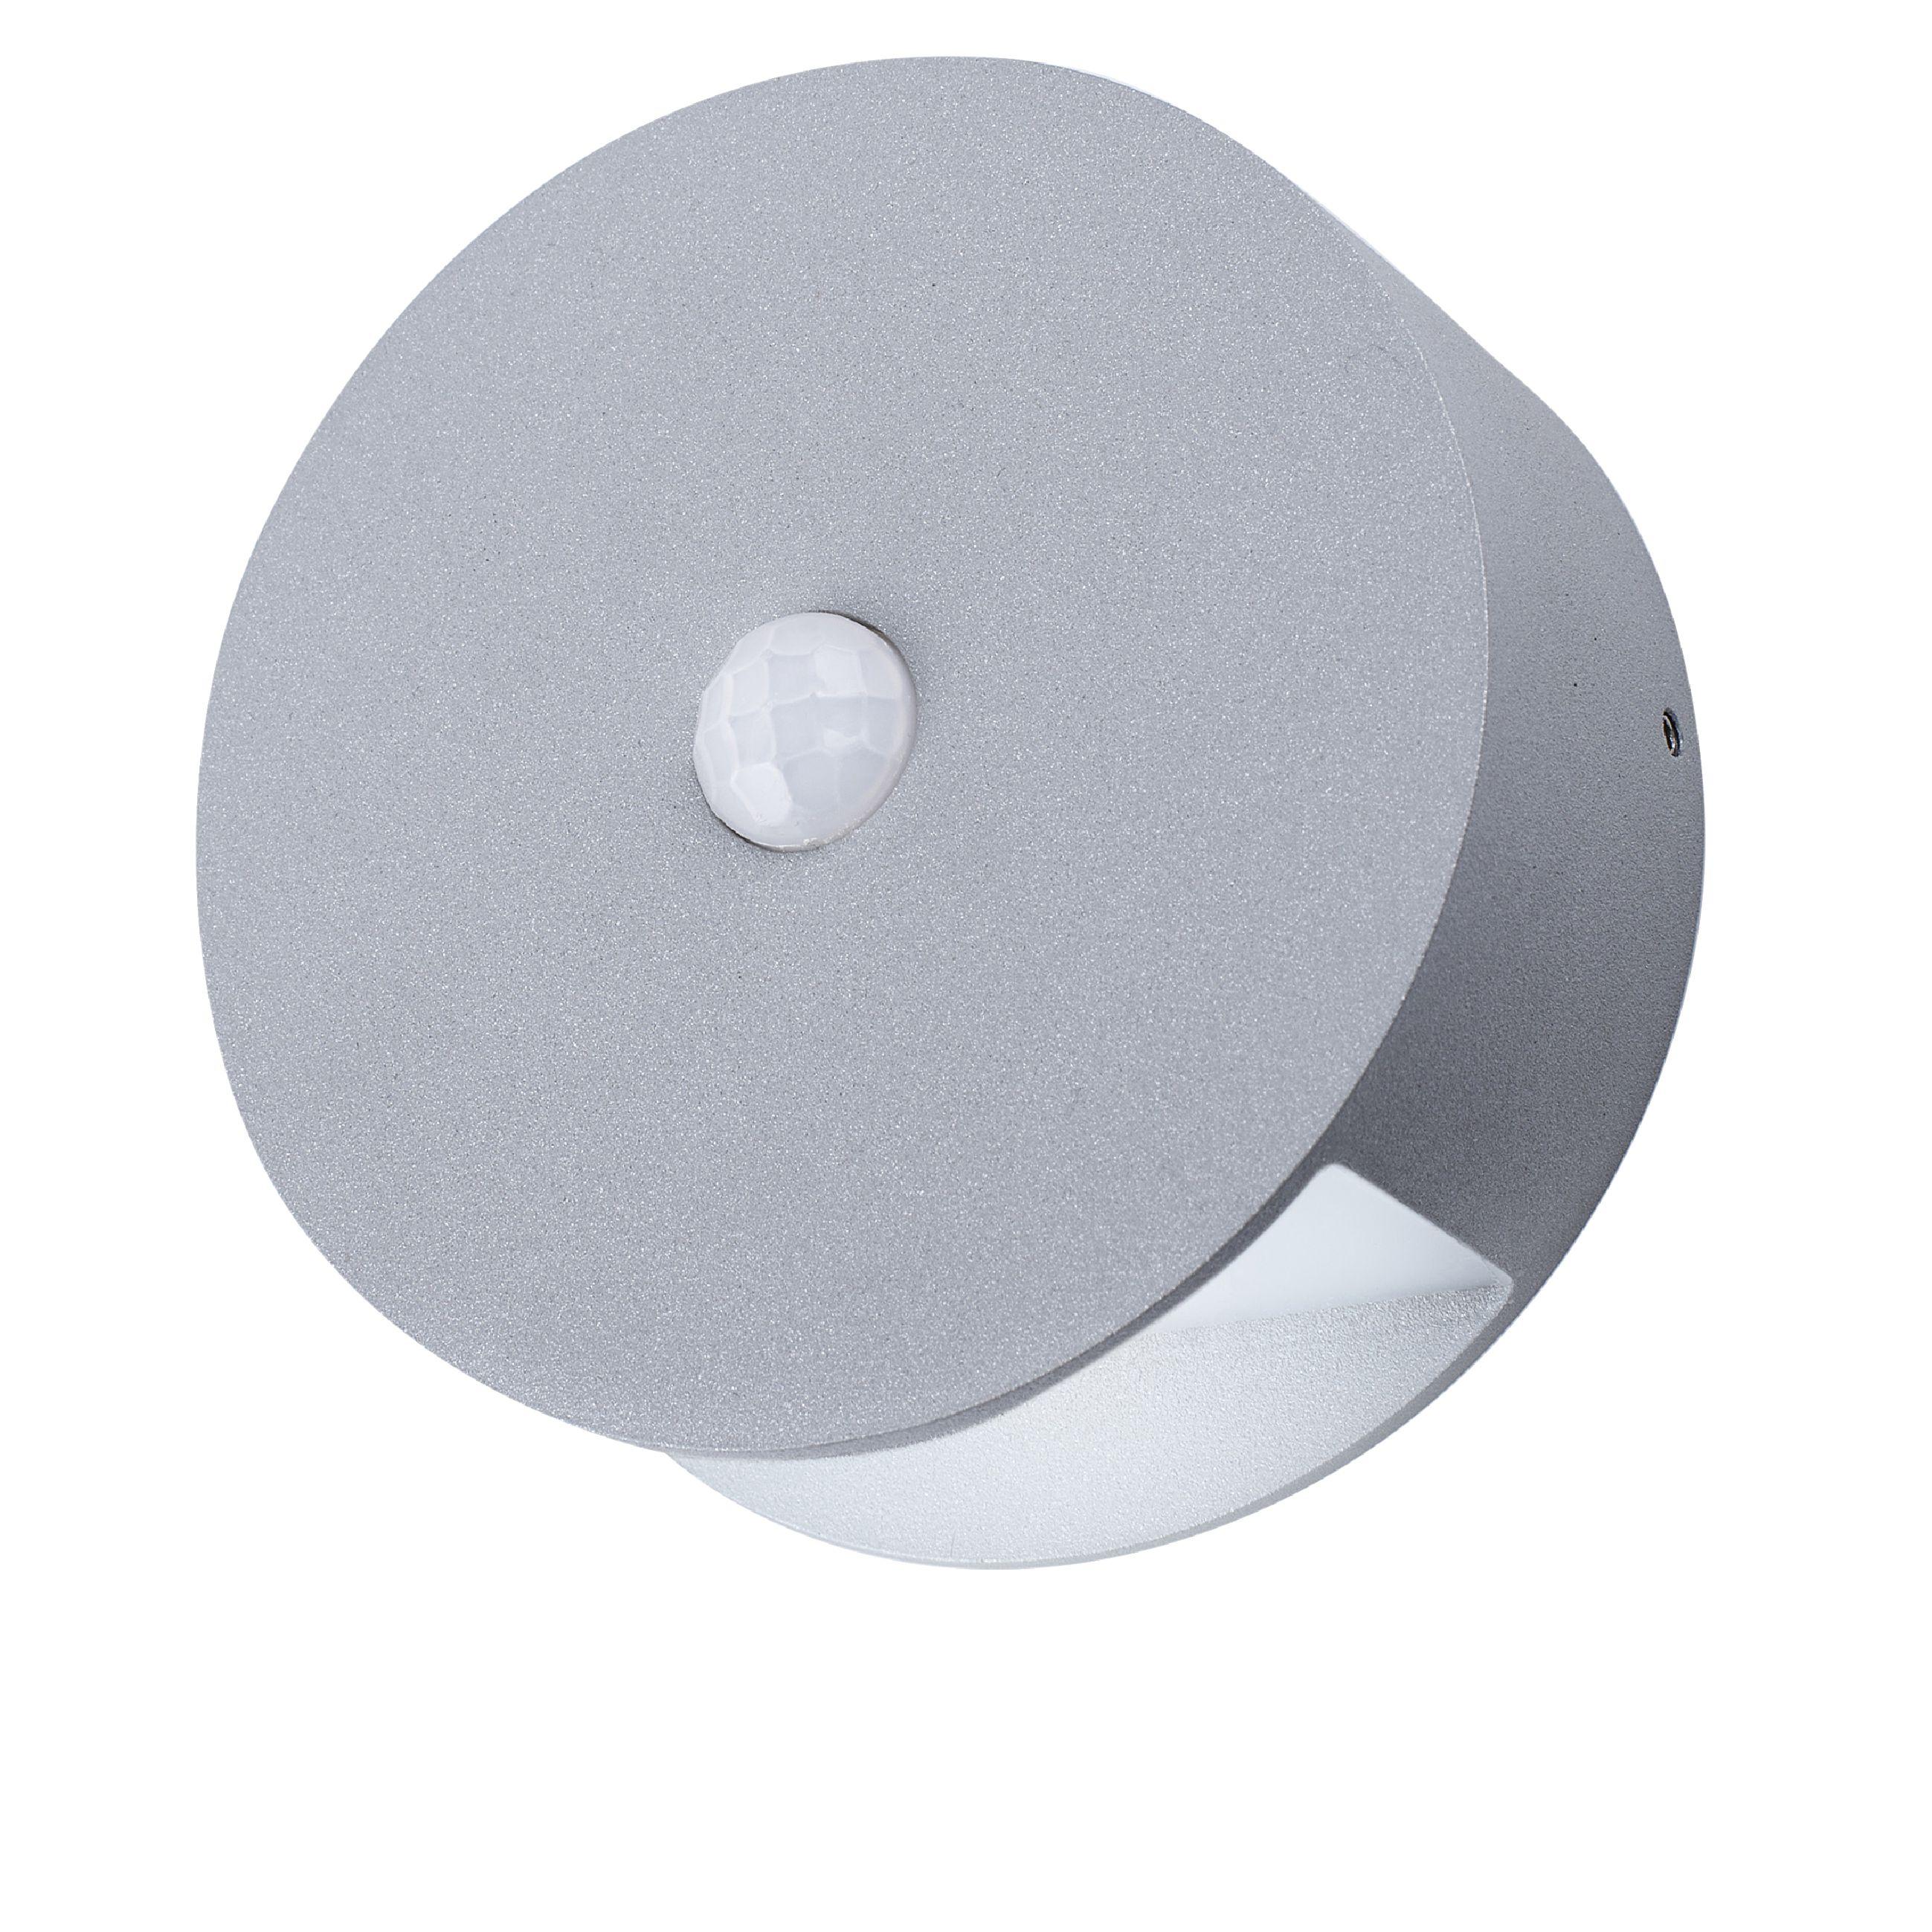 Venkovní nástěnné LED svítidlo 0.5 W 60 lm PIR Ranex Smartwares GOB-001-MS, RA-1004236